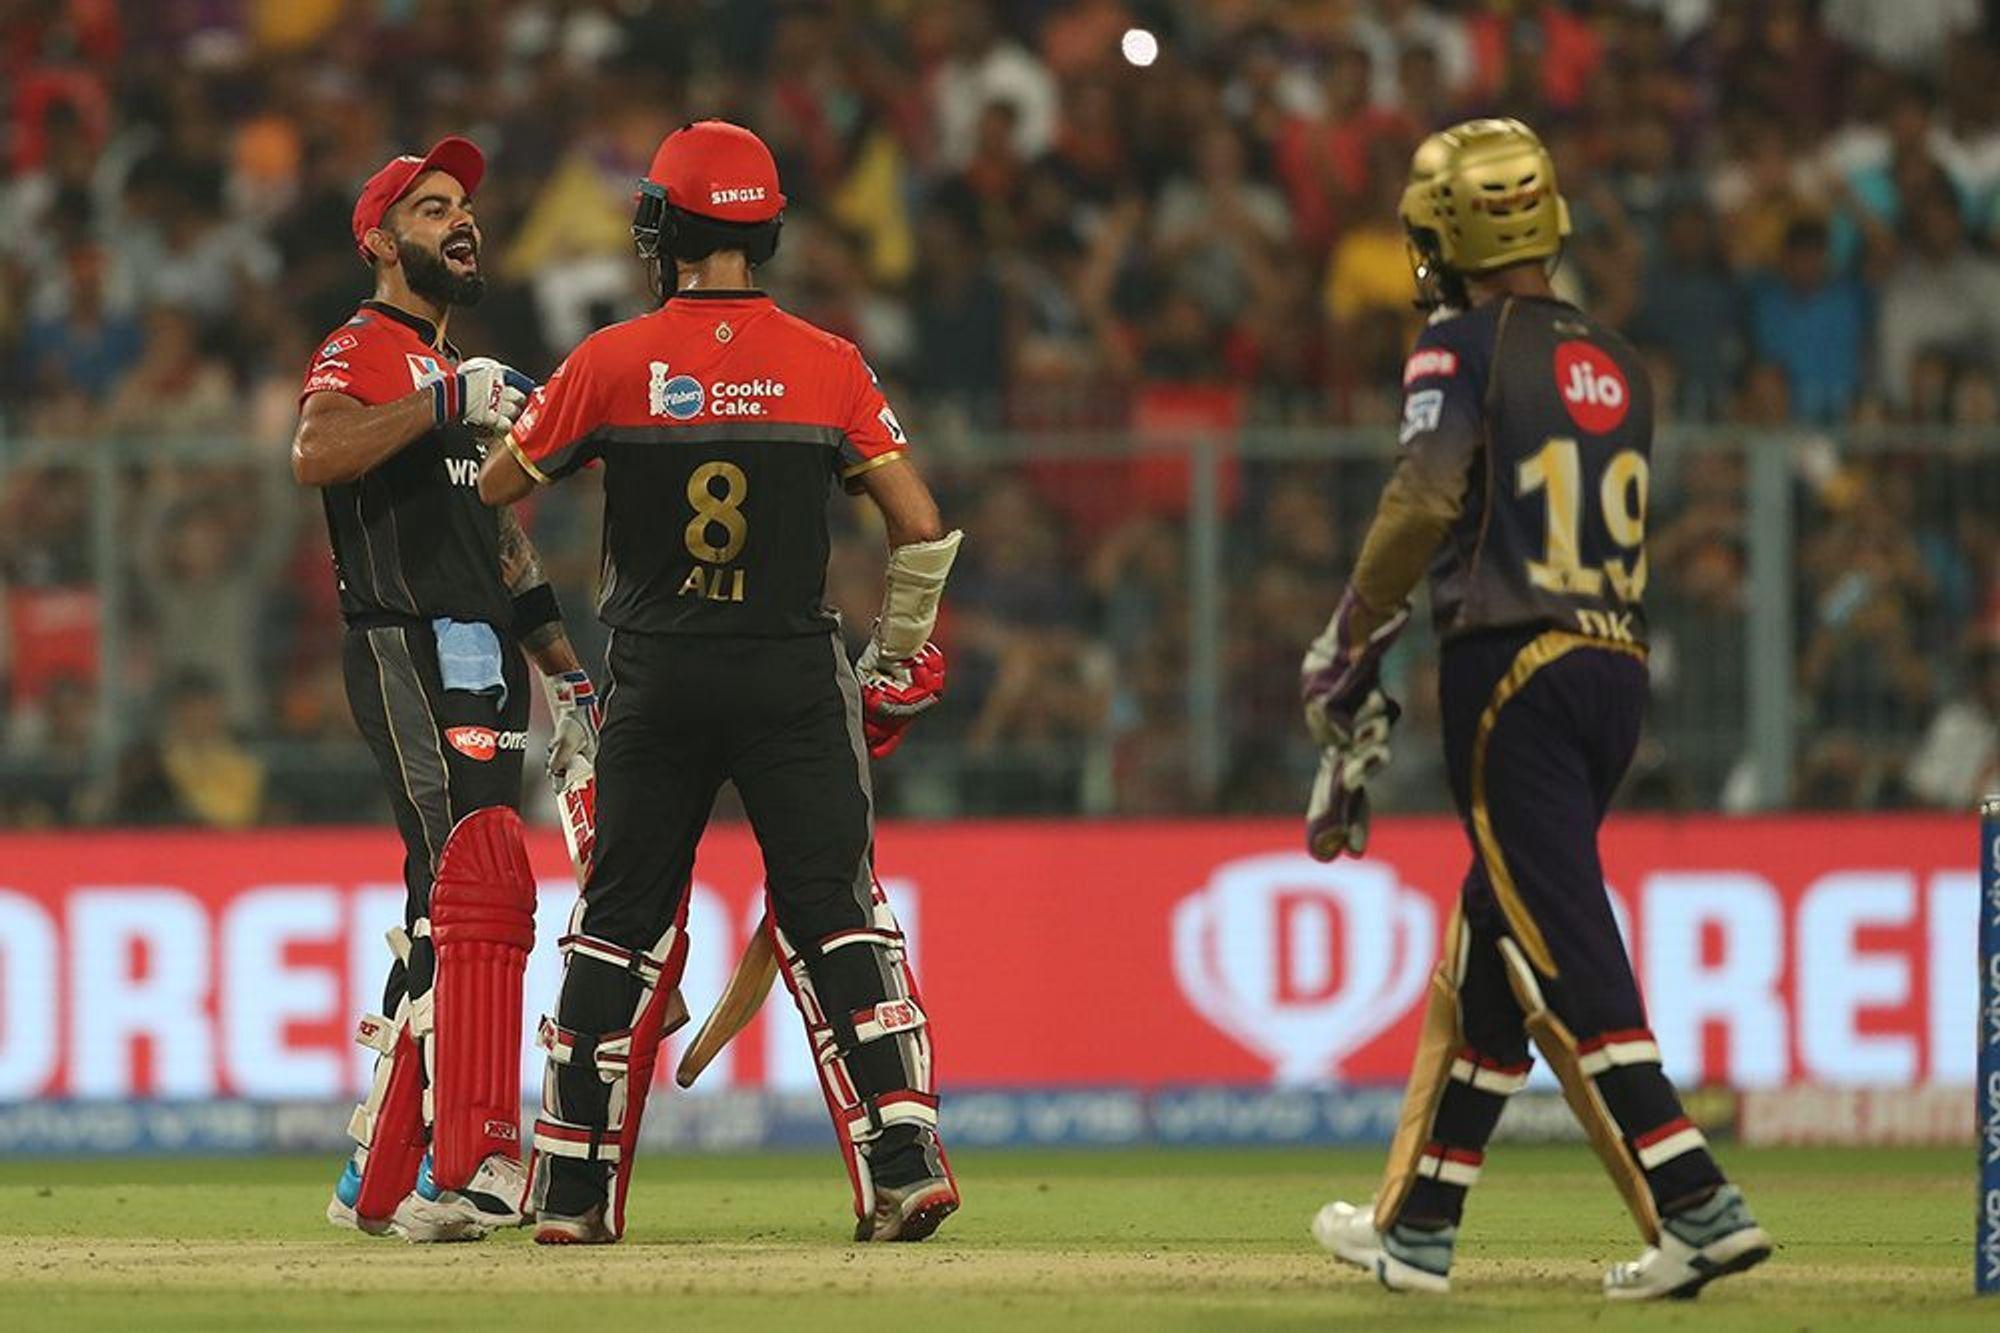 WATCH: विराट कोहली बने विभीषण, भारतीय गेंदबाज की कमजोरी बताई इंग्लैंड बल्लेबाज को 1